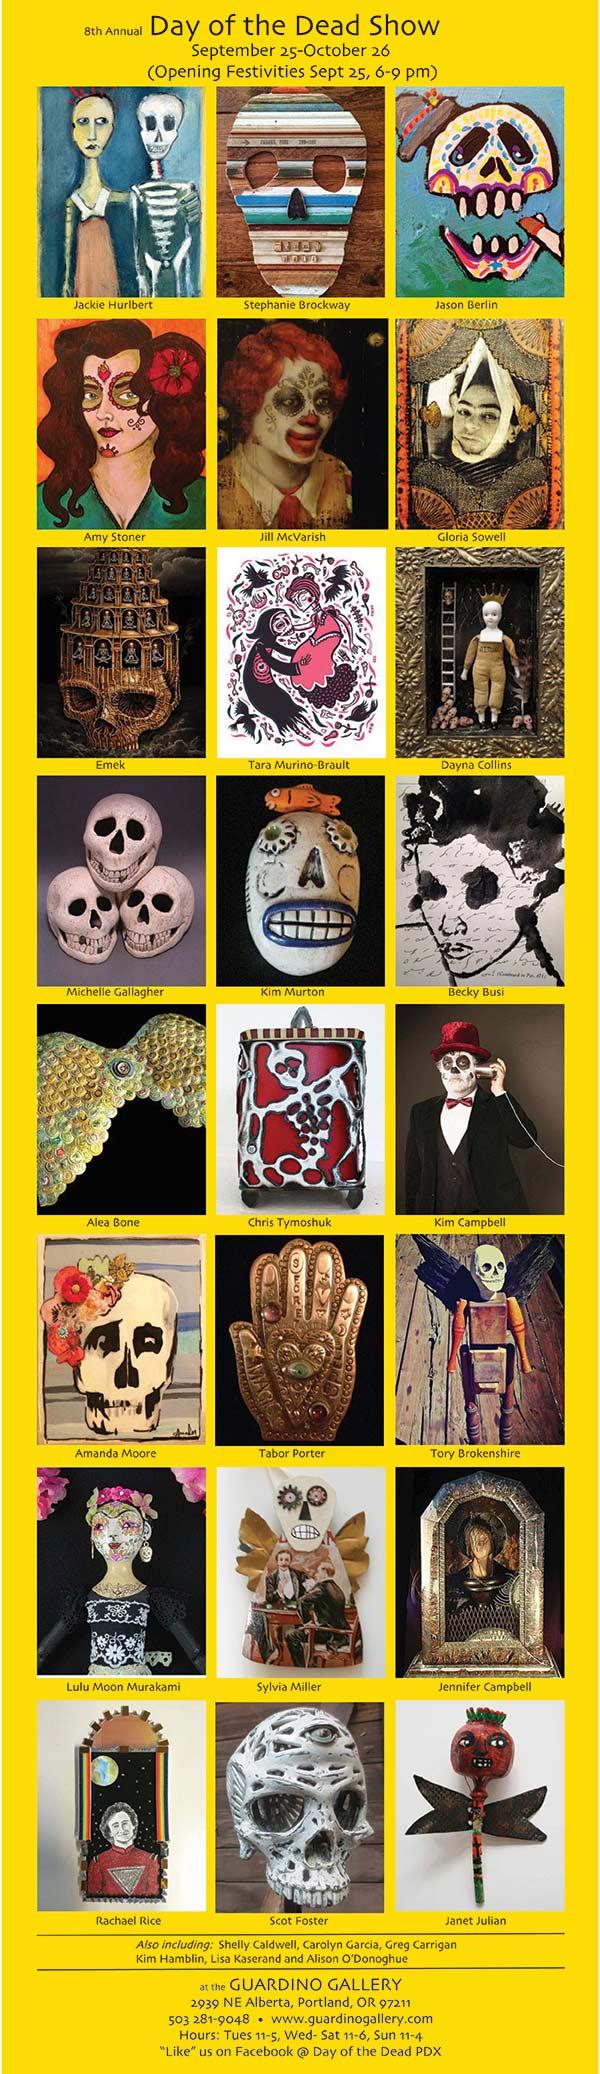 Day of the Dead invite for Guardino Gallery, Portland, OR 2014